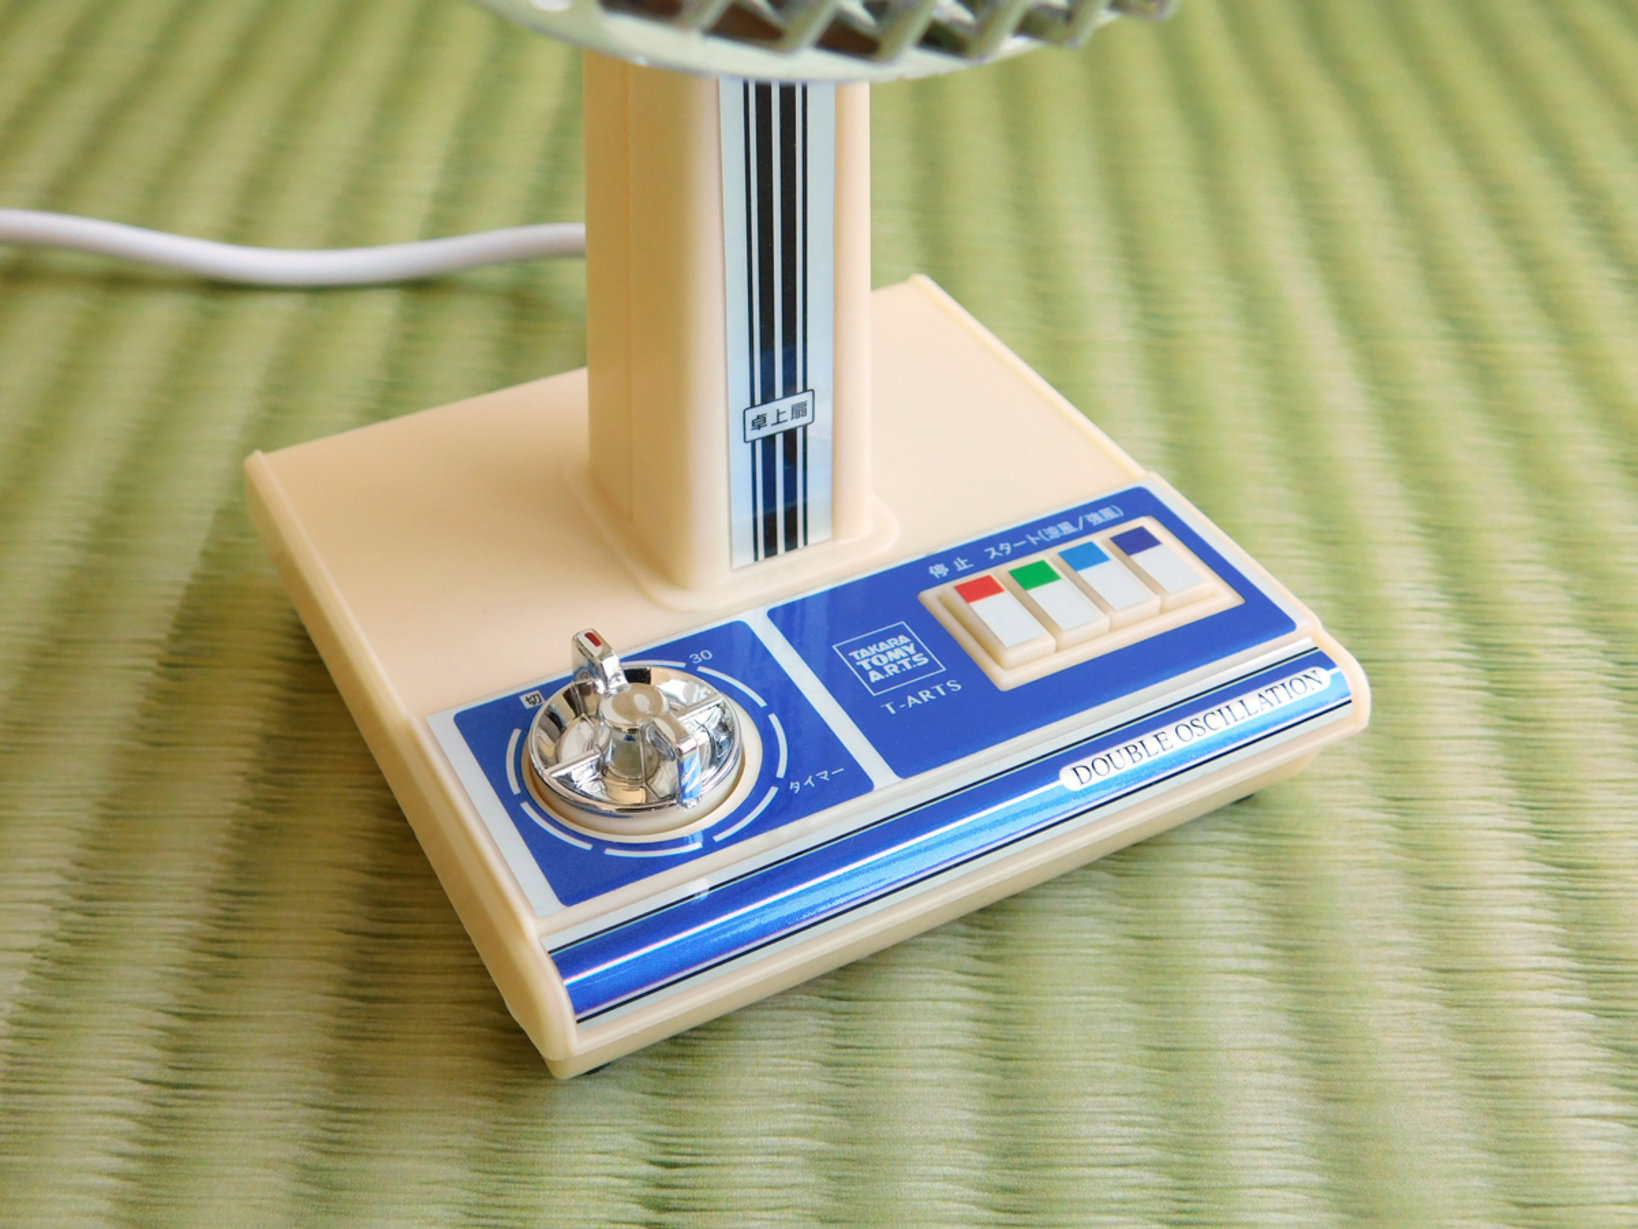 スイッチの横にあるダイヤルを回すとタイマーが作動